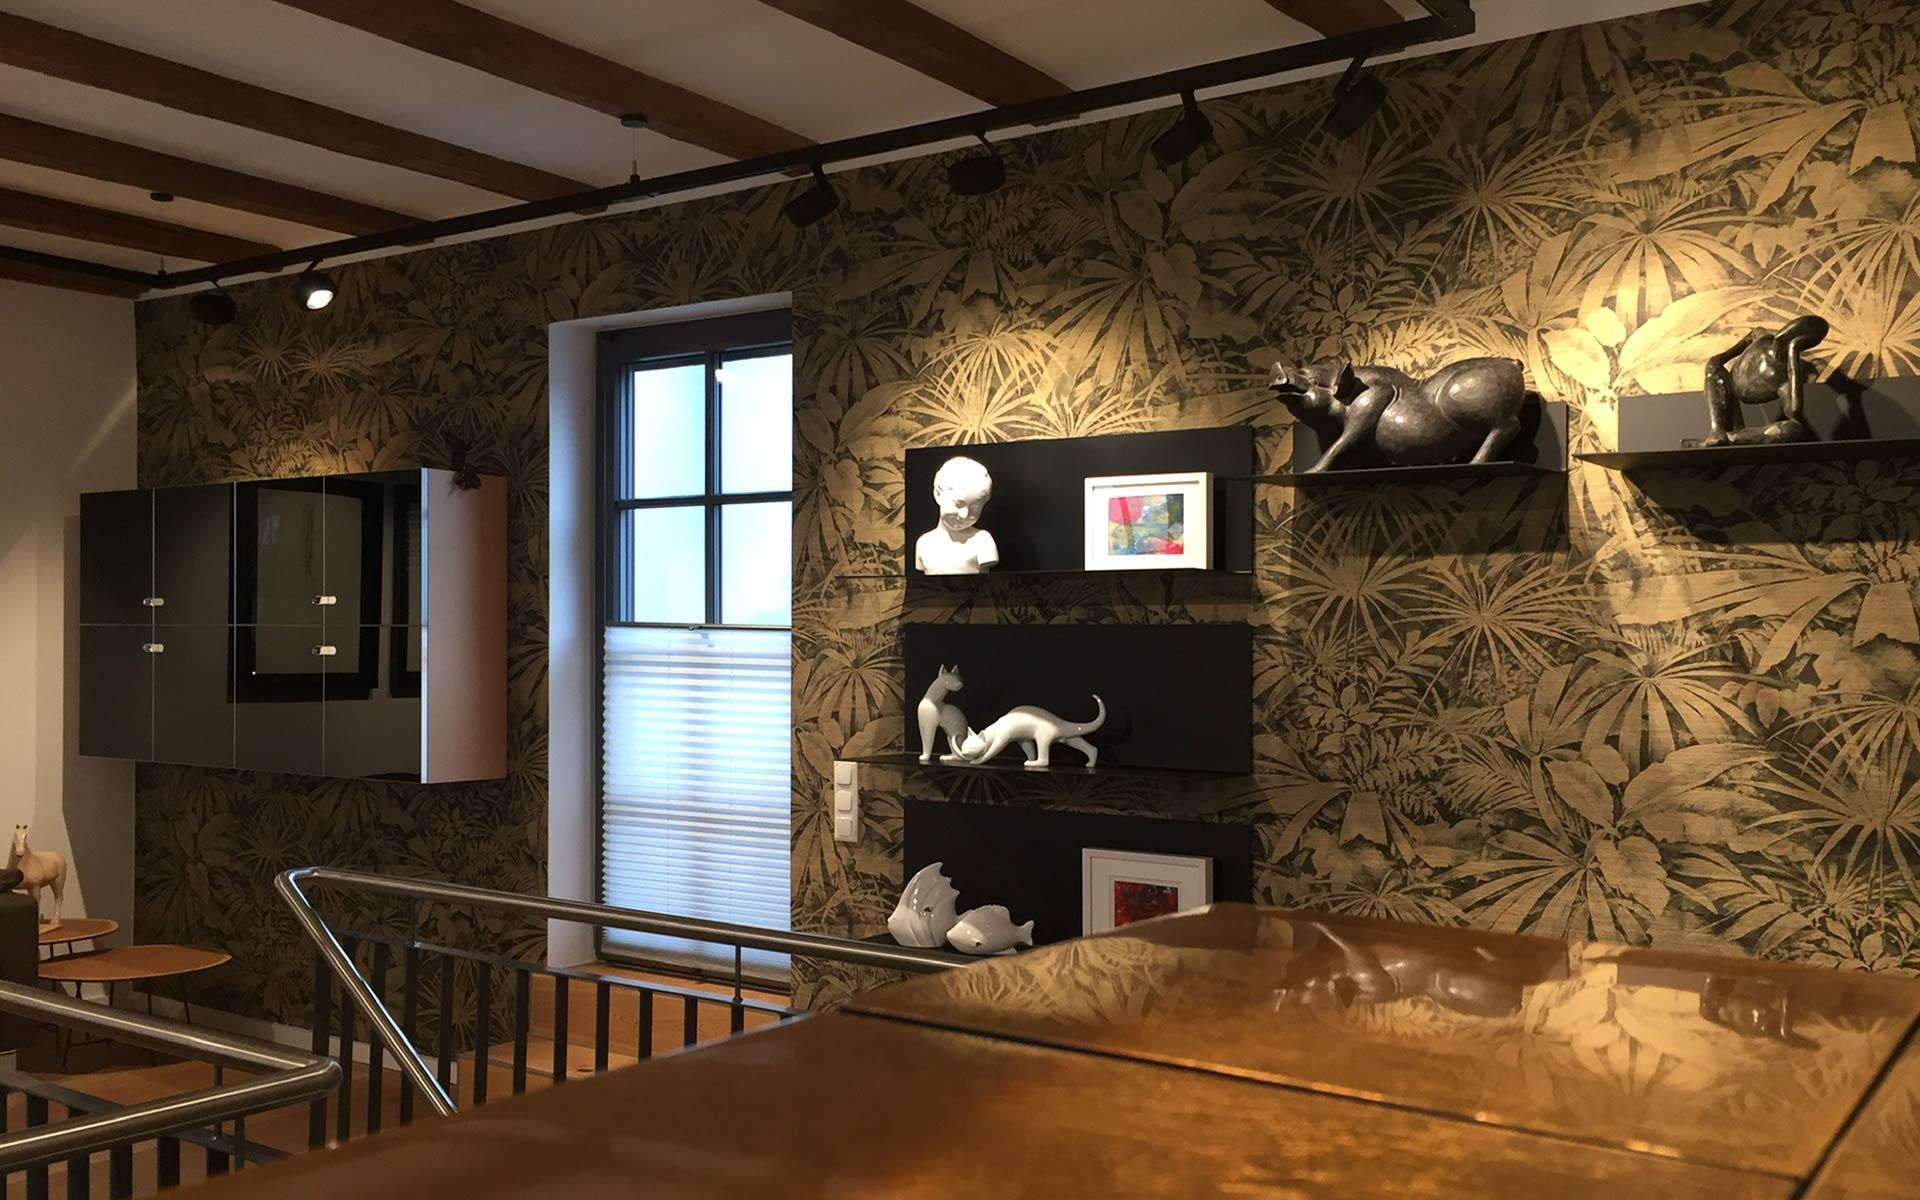 Innenarchitektur + Einrichtung Interluebke Cube Change Sideboard bei steidten+ Berlin